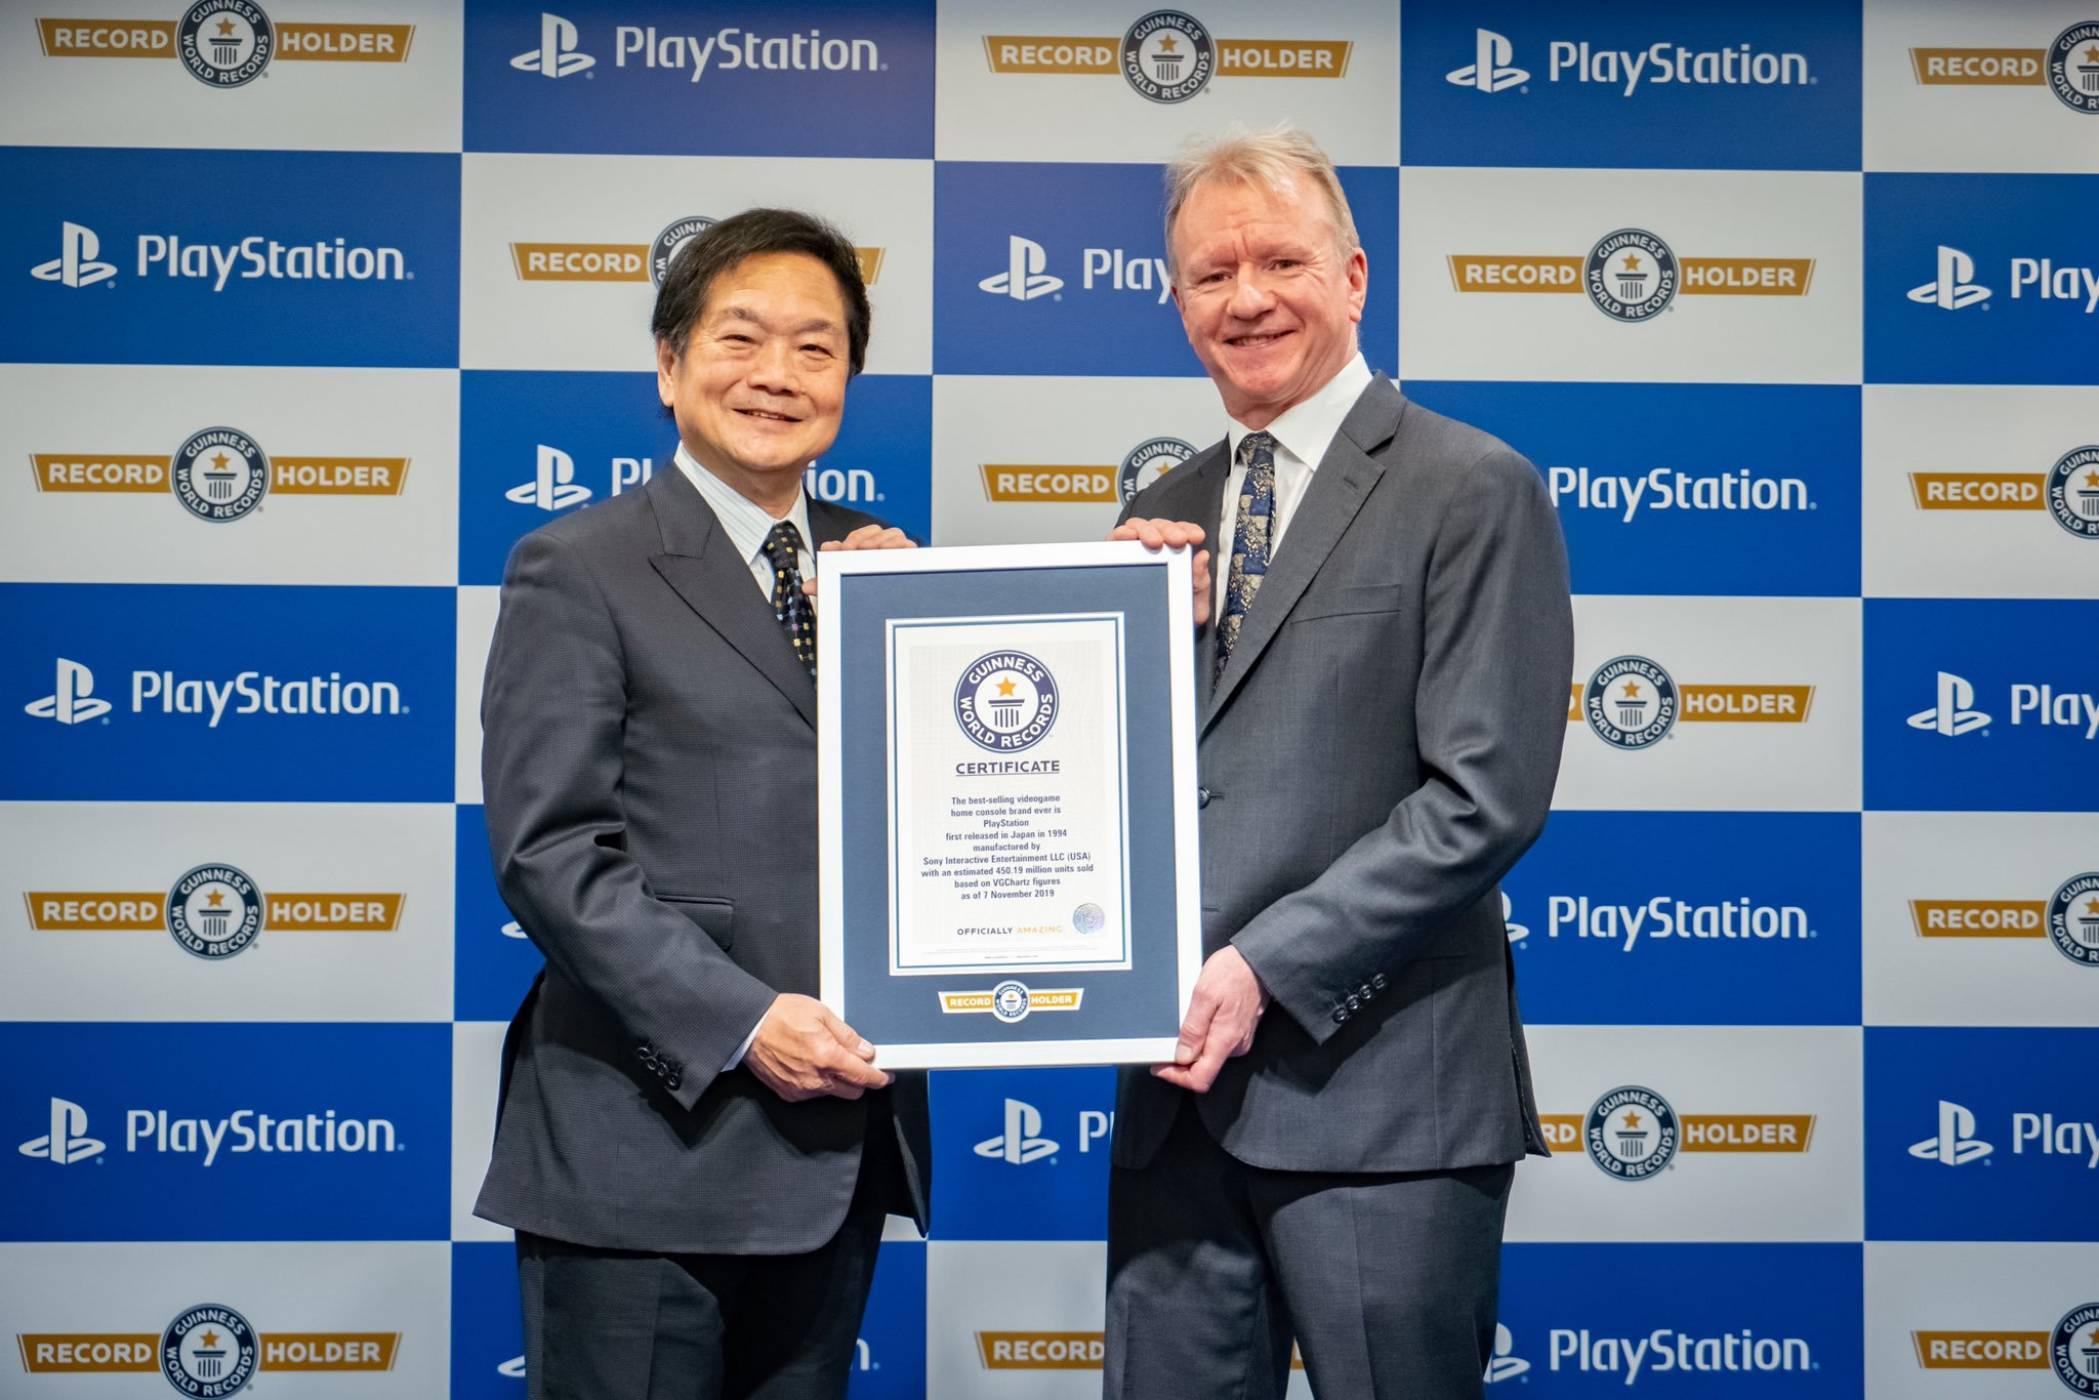 Гинес награди PlayStation с най-логичното признание (ВИДЕО)